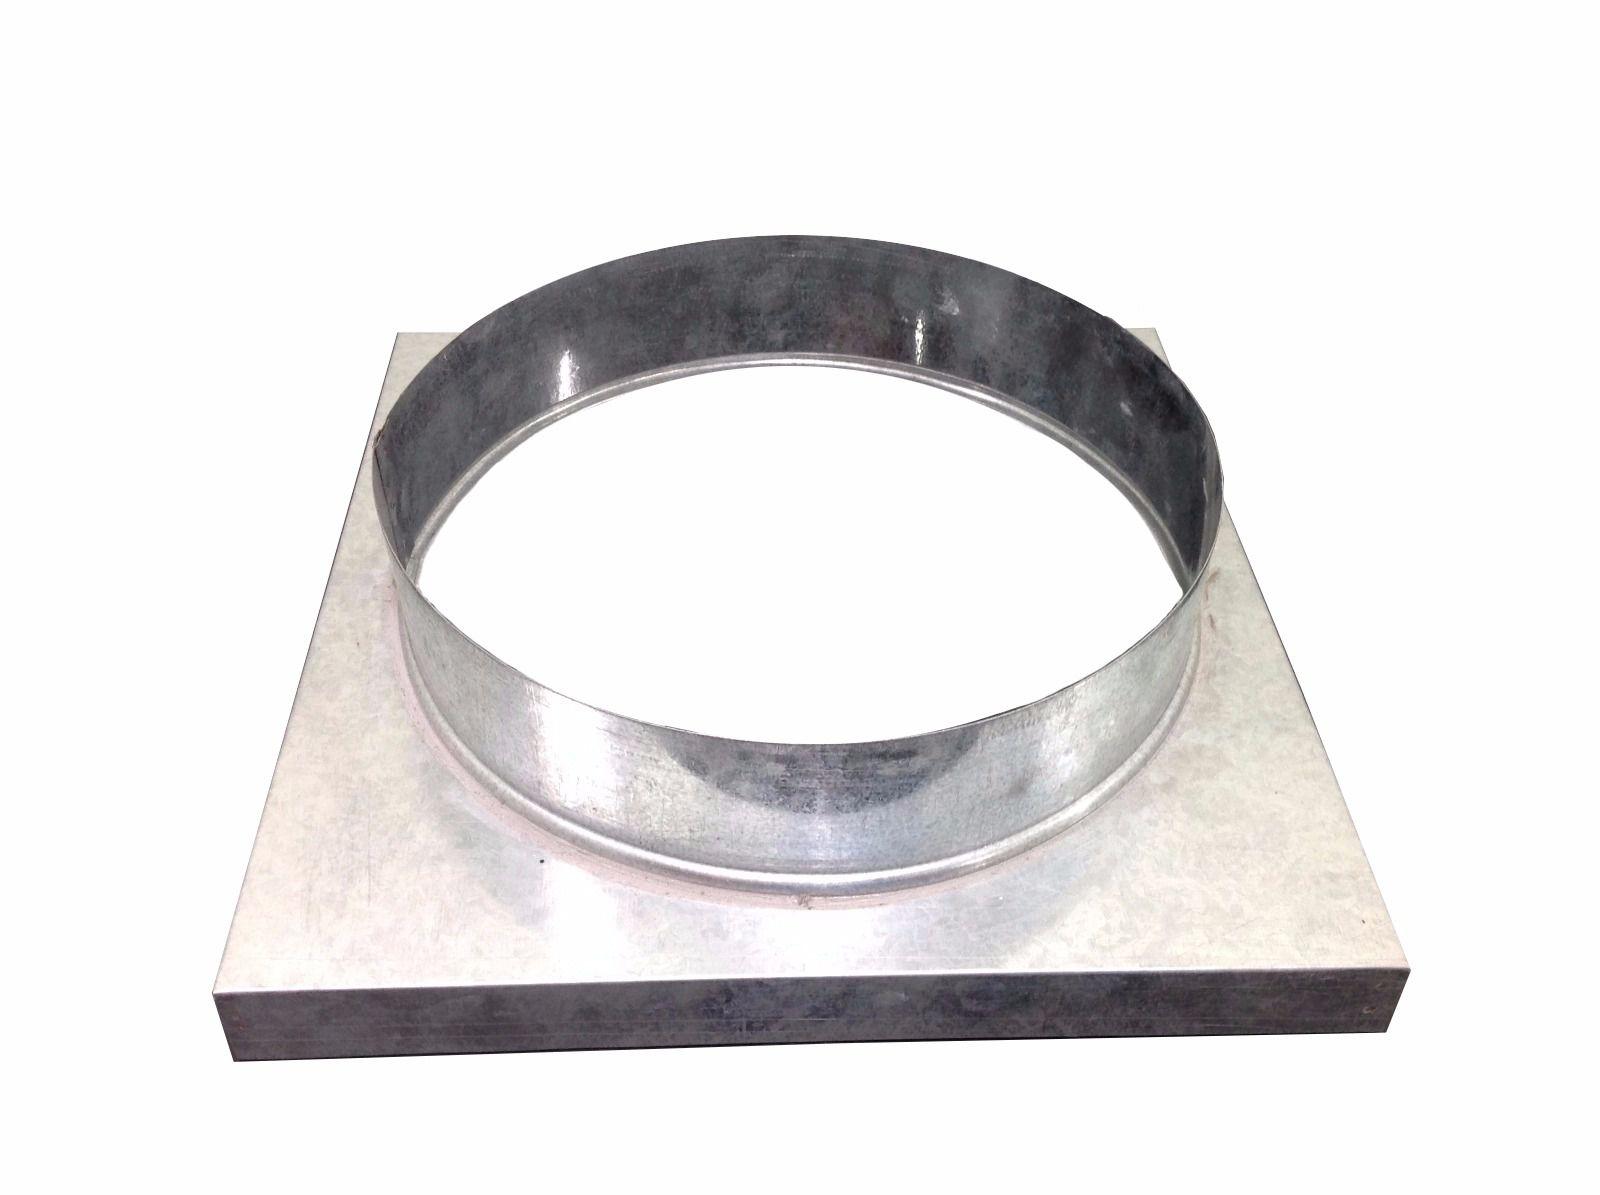 Adaptador galvanizado de quadrado 30,5 x 30,5 cm para redondo 200 mm de diâmetro  - Galvocalhas